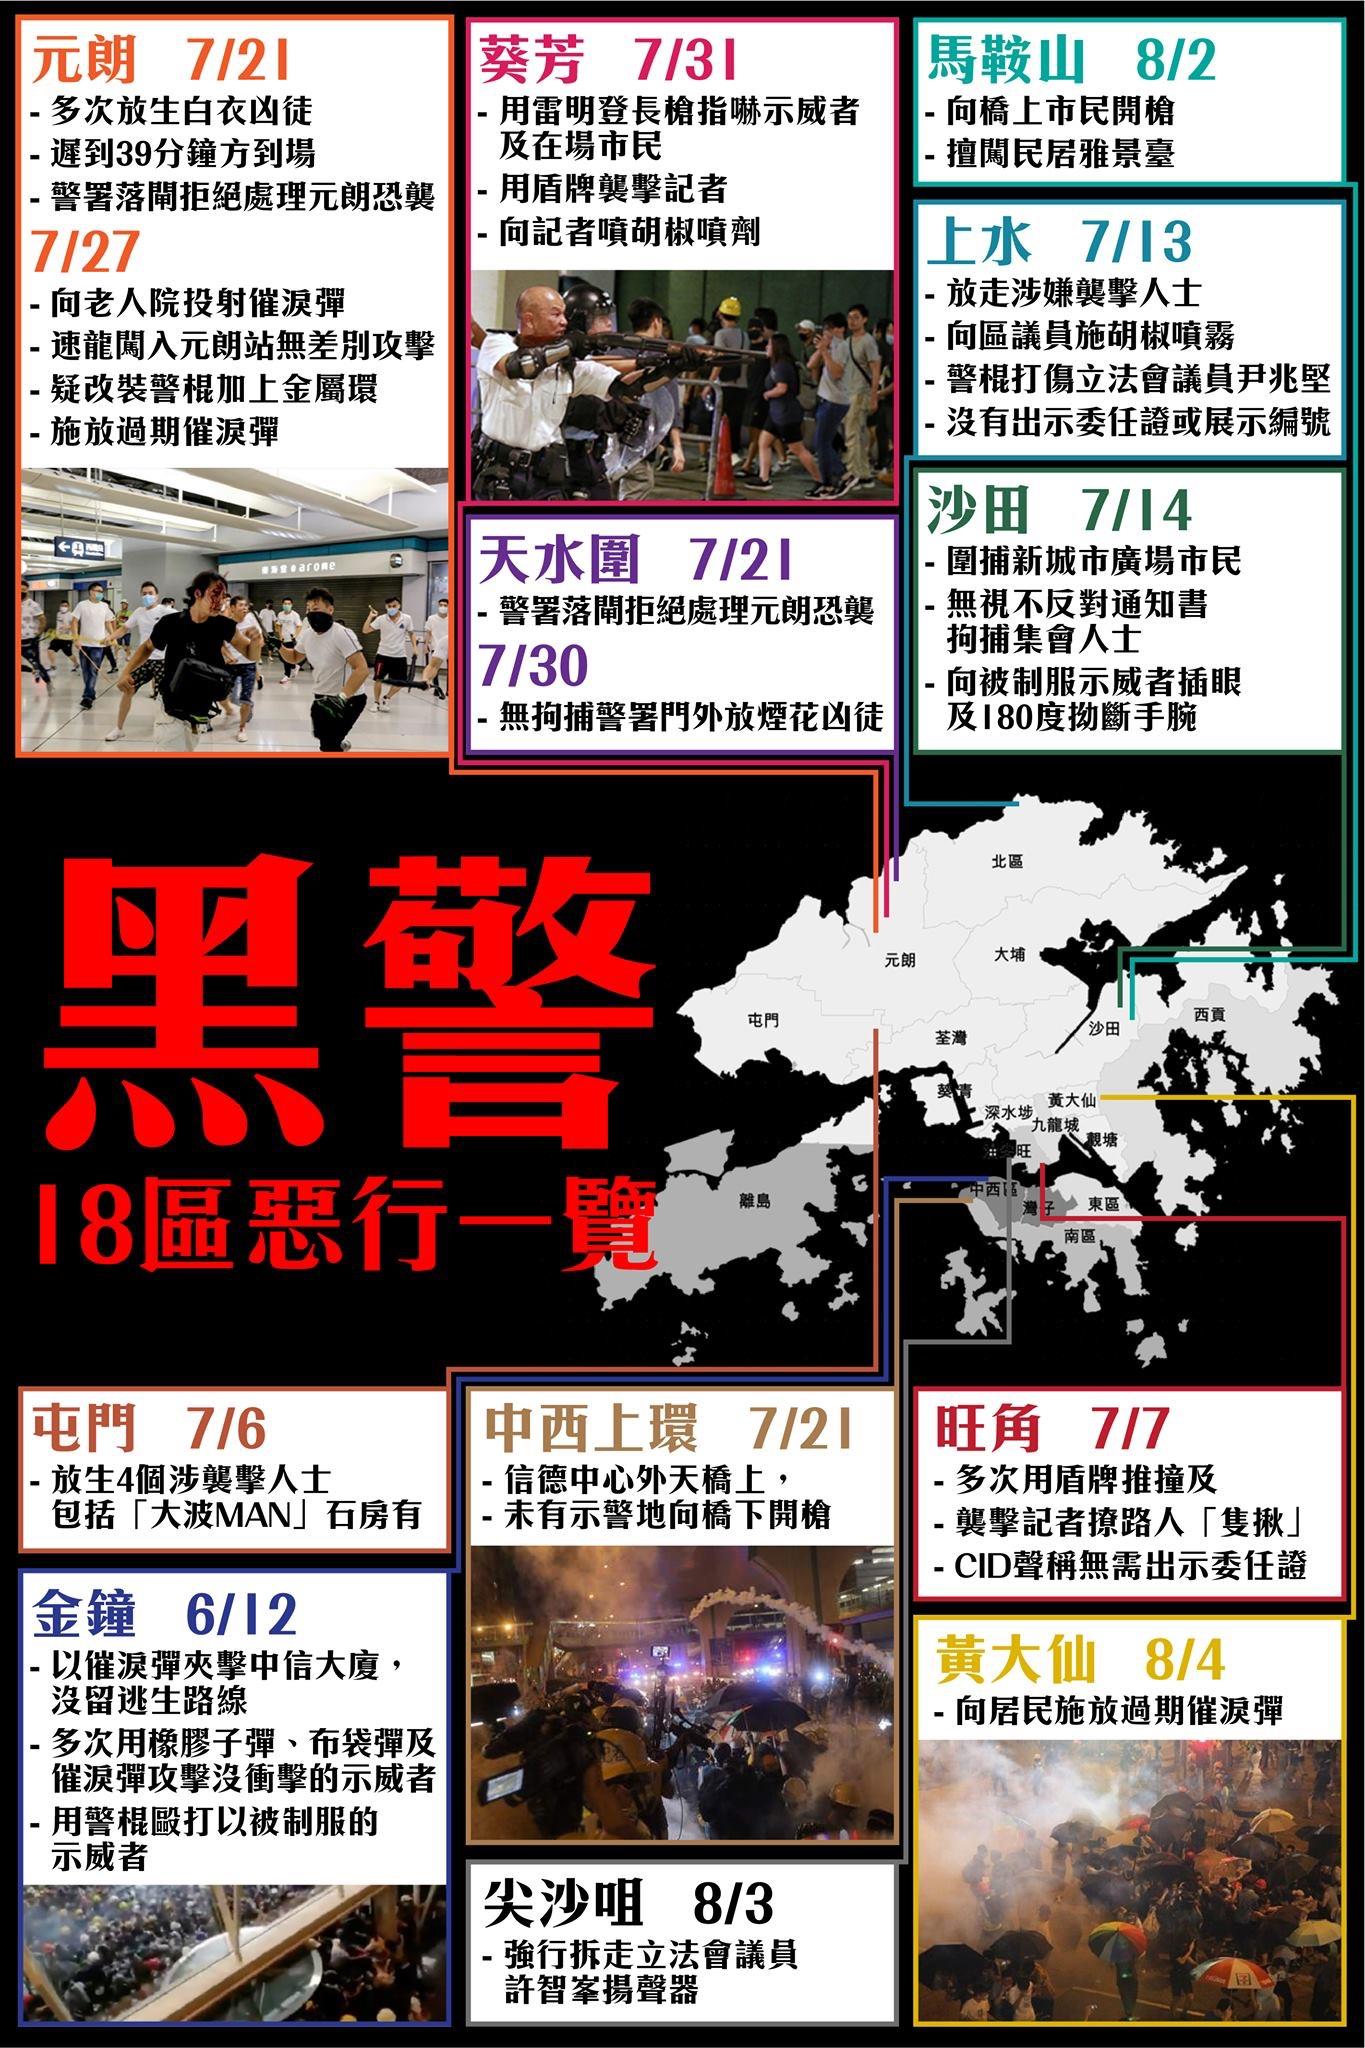 立场新闻   环时记者机场被围:我支持香港警察 你们可以打我了